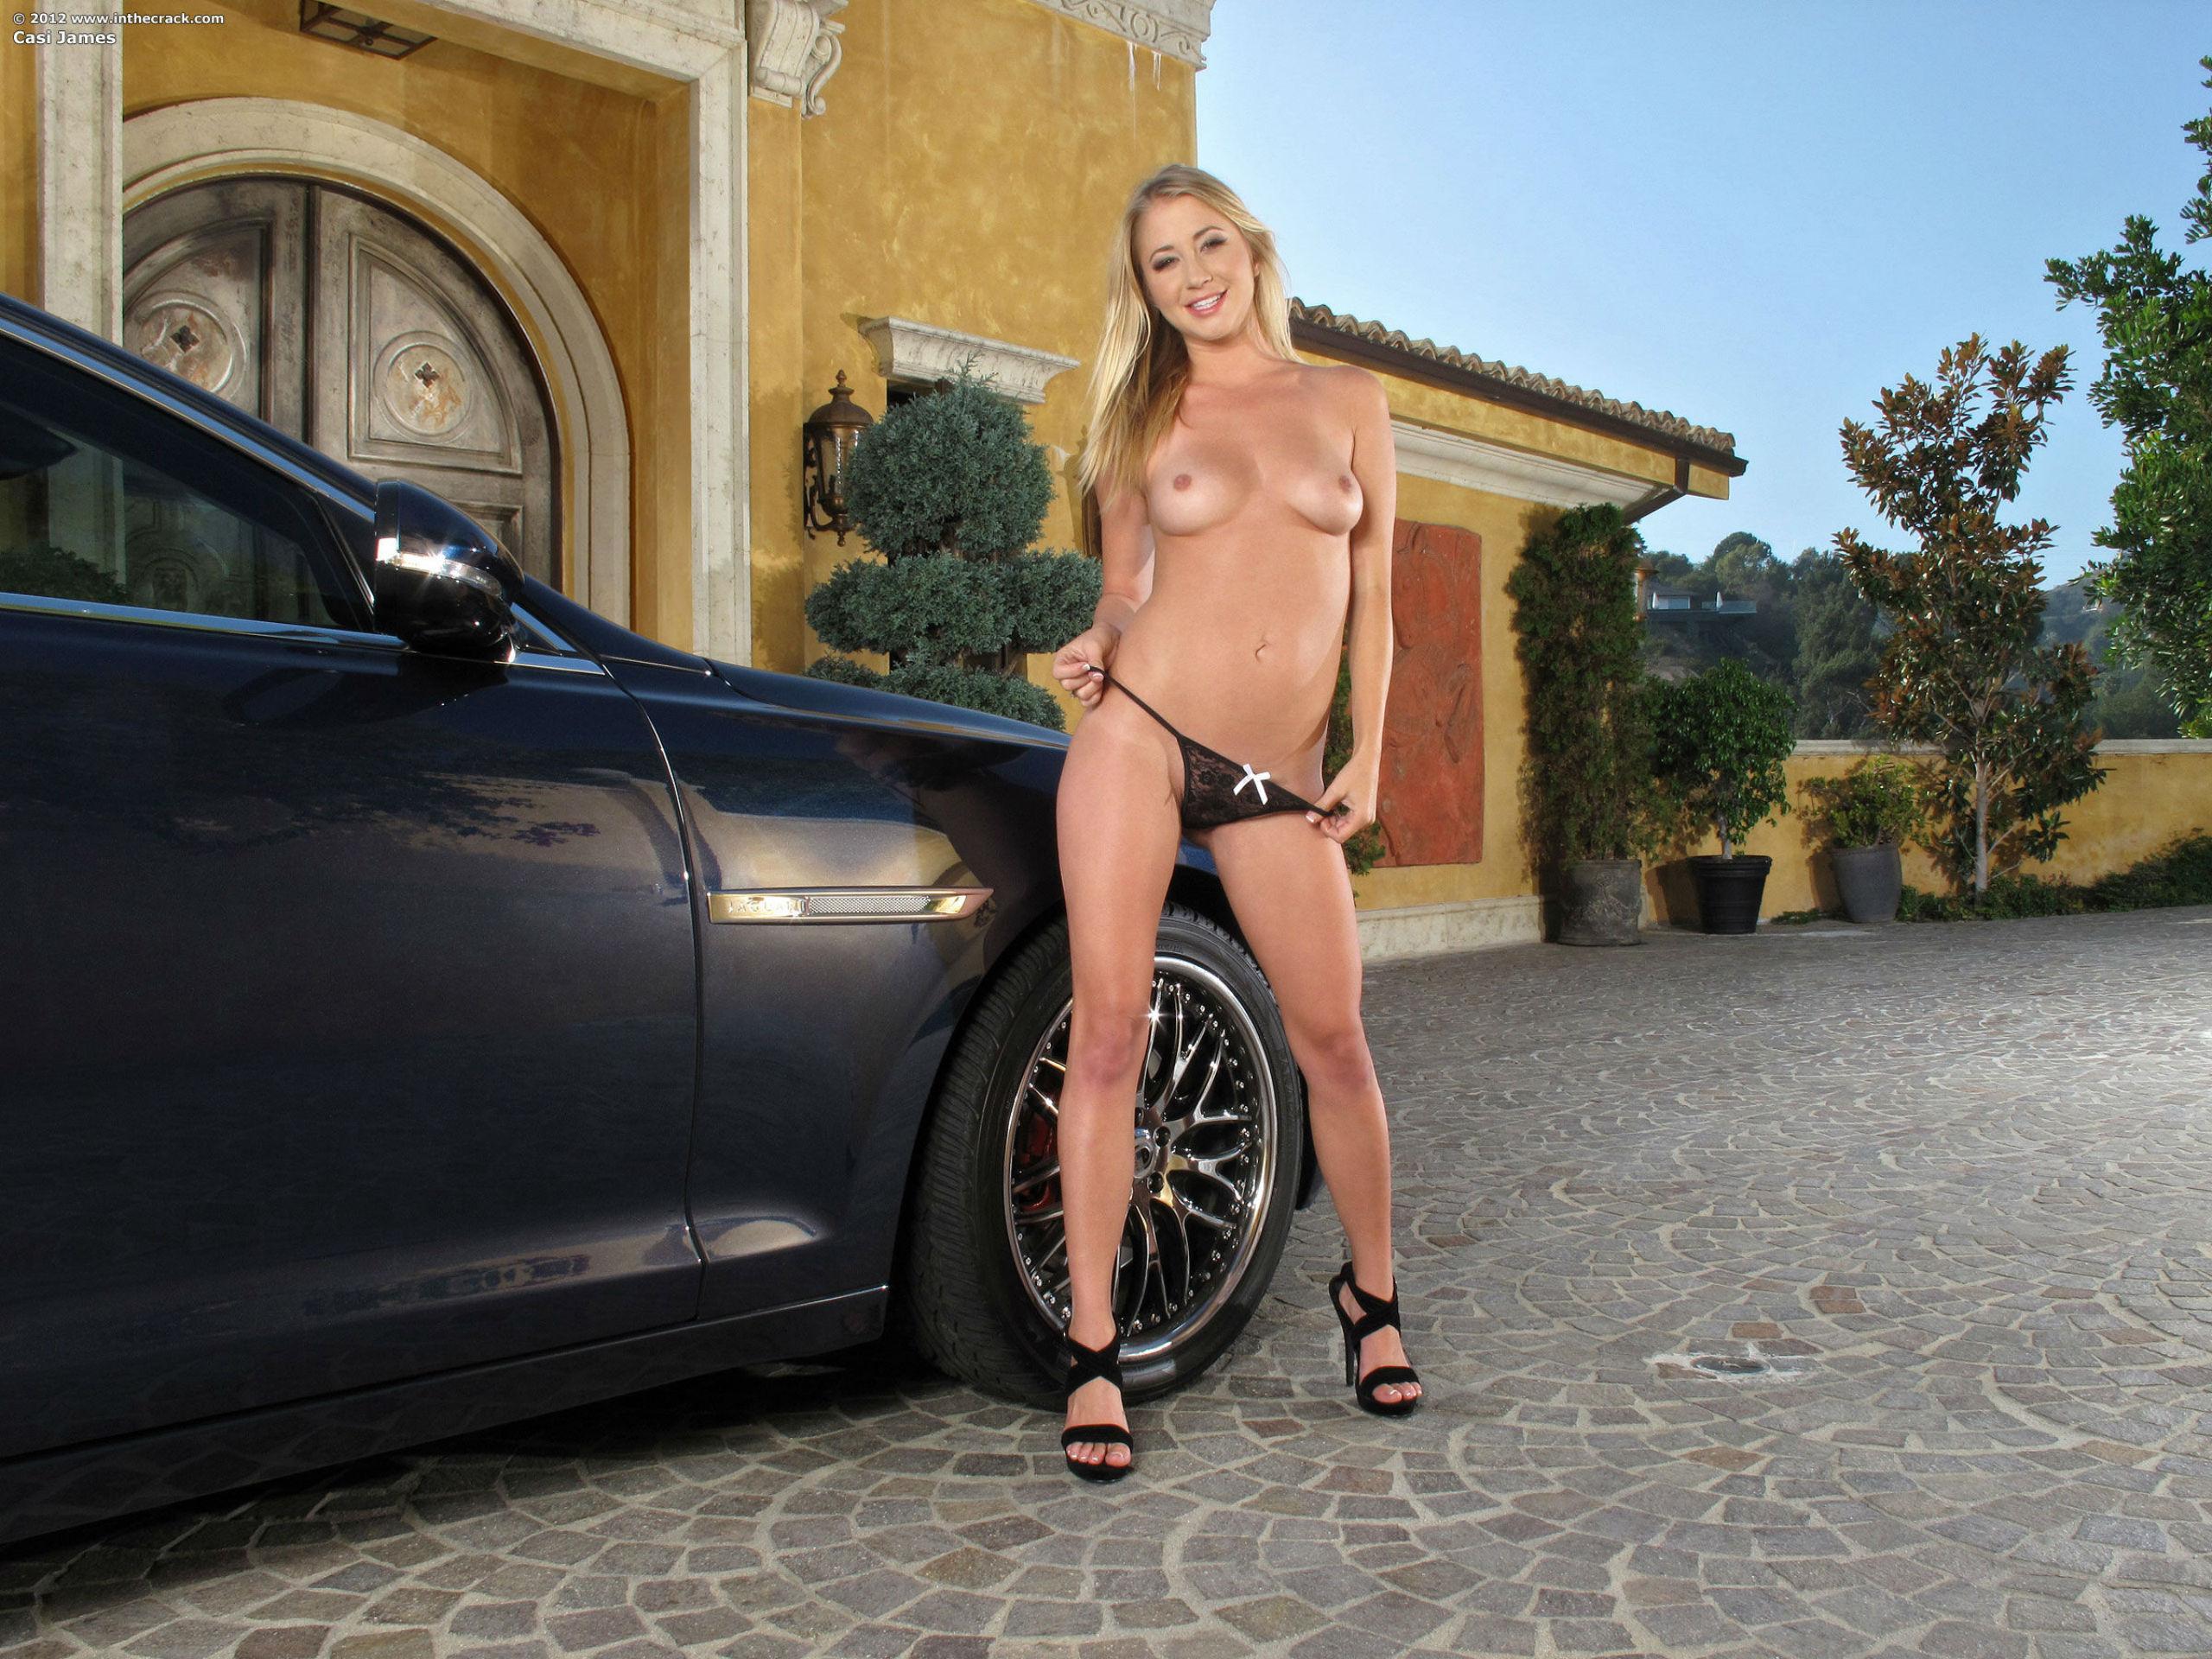 naked girl in drift car